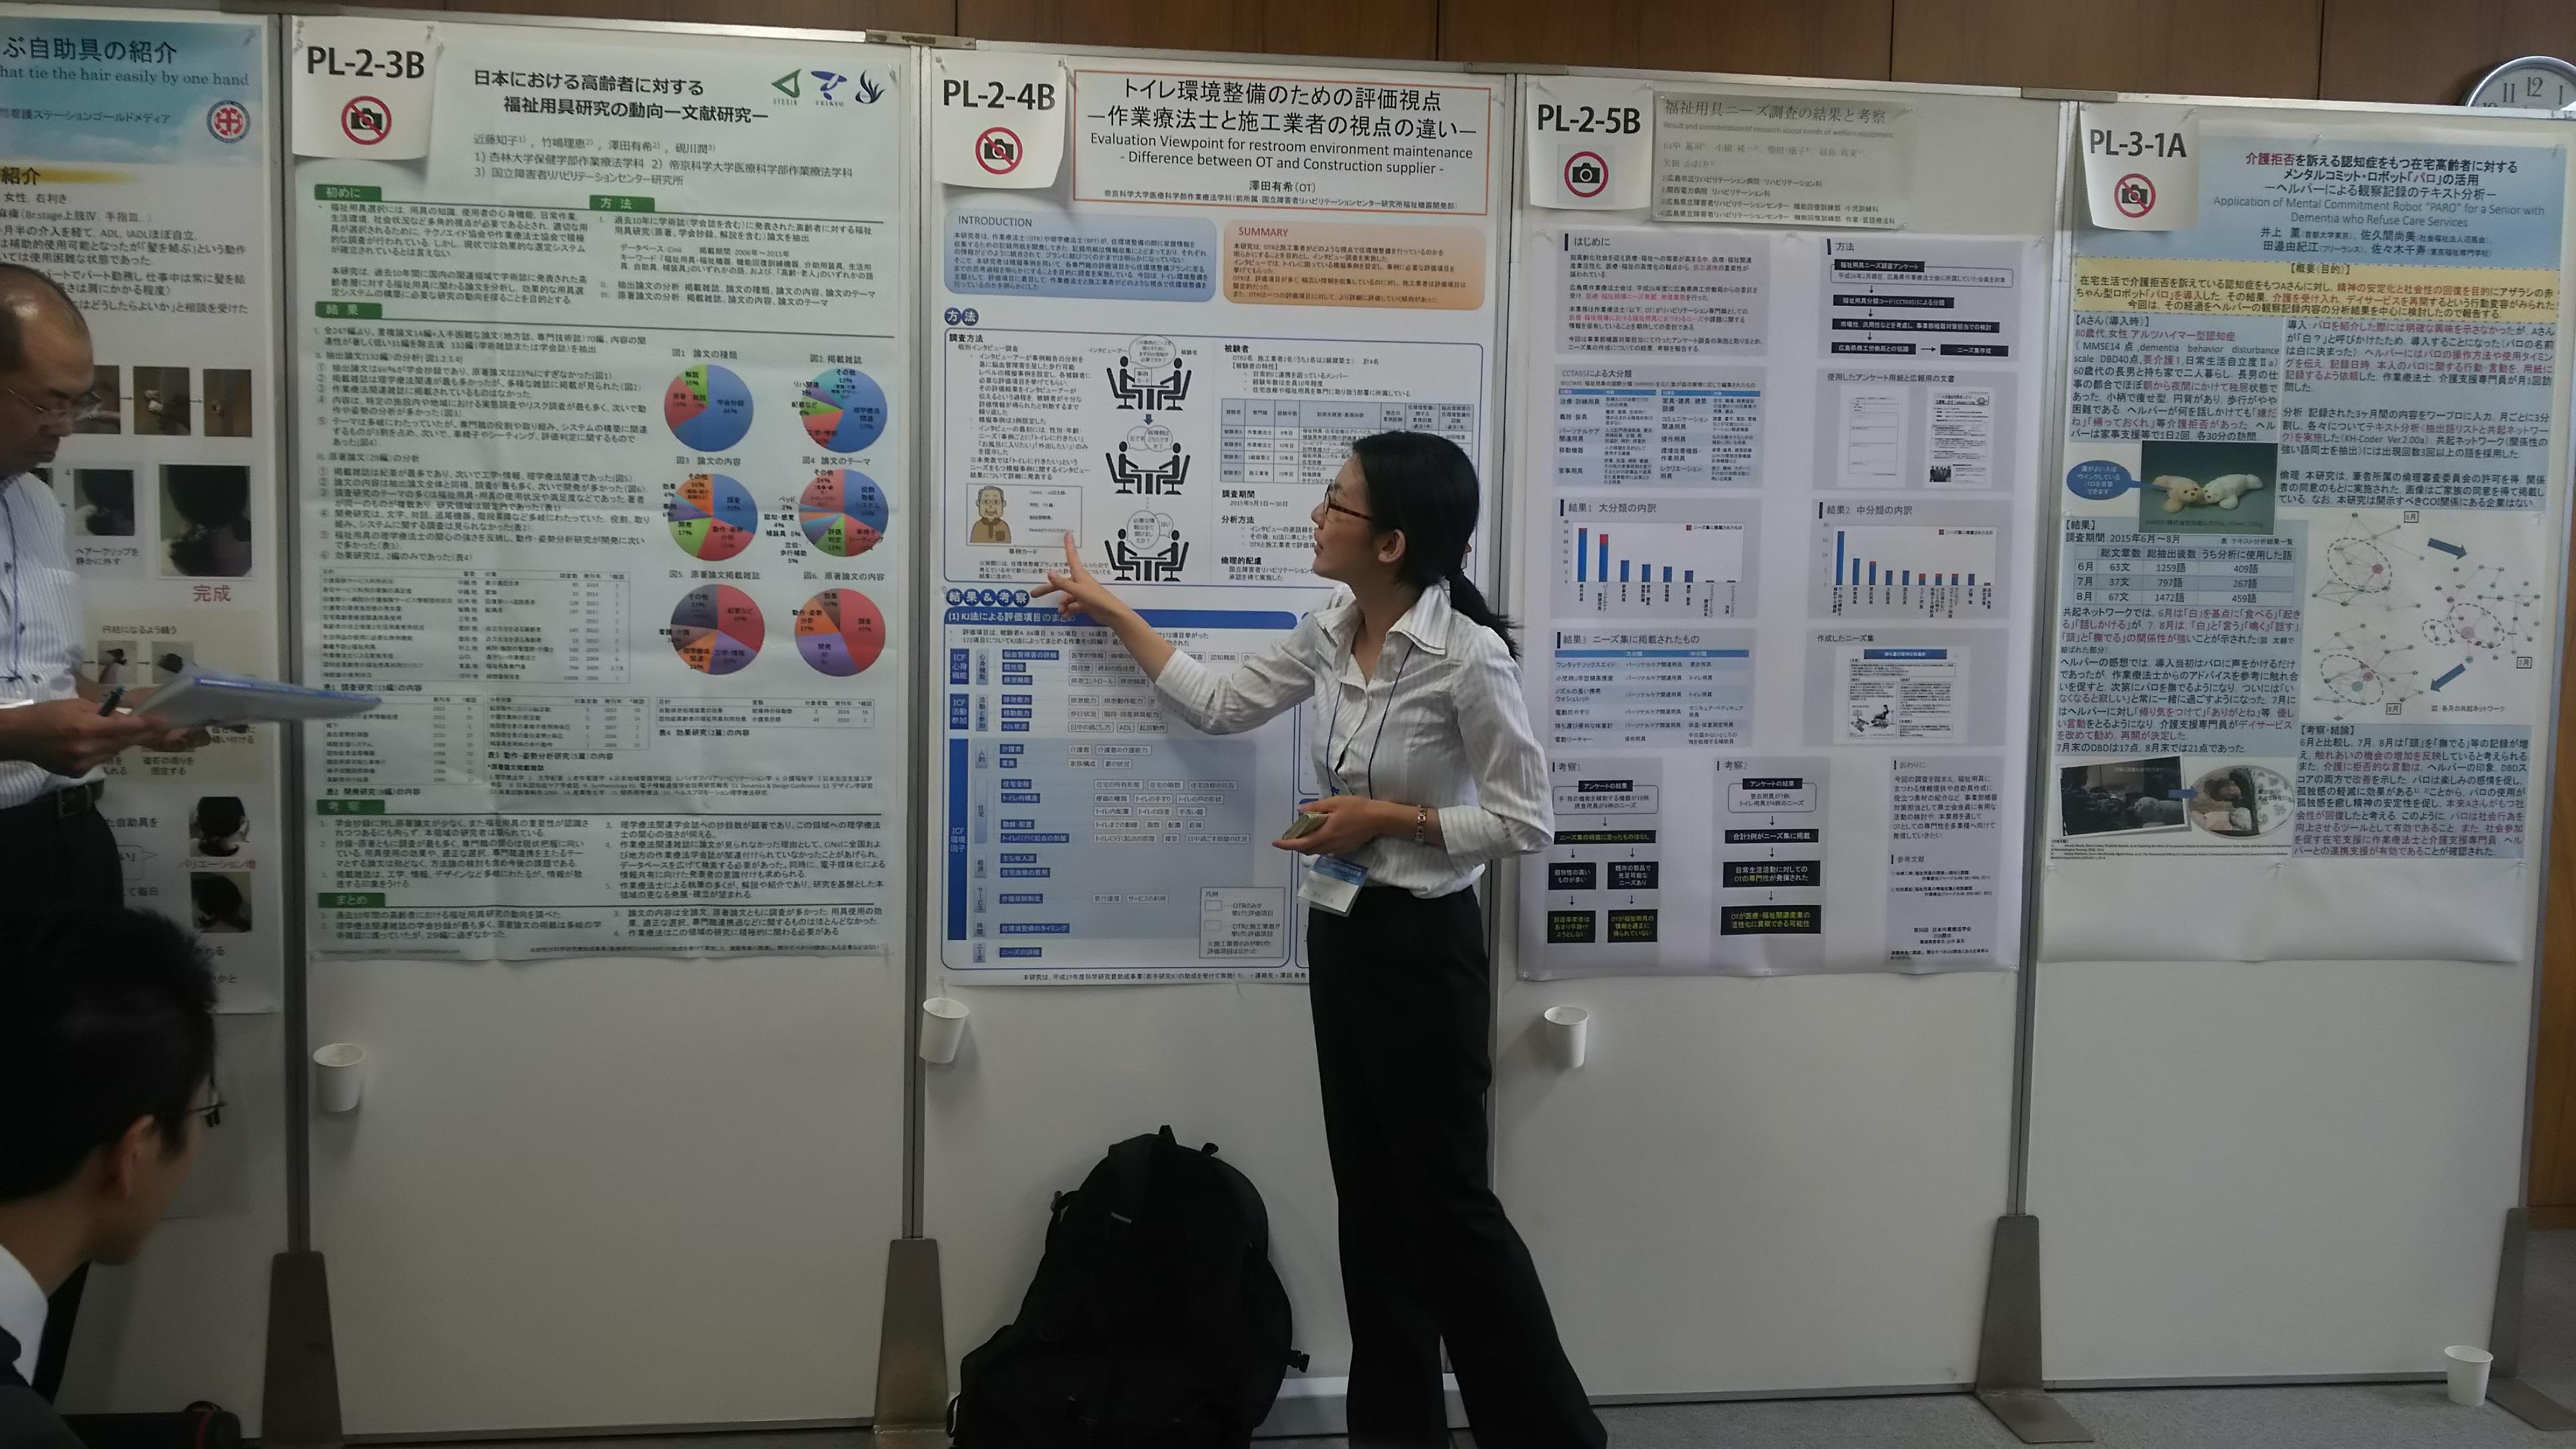 帝京科学大学 第50回日本作業療法学会に参加・発表しました #02